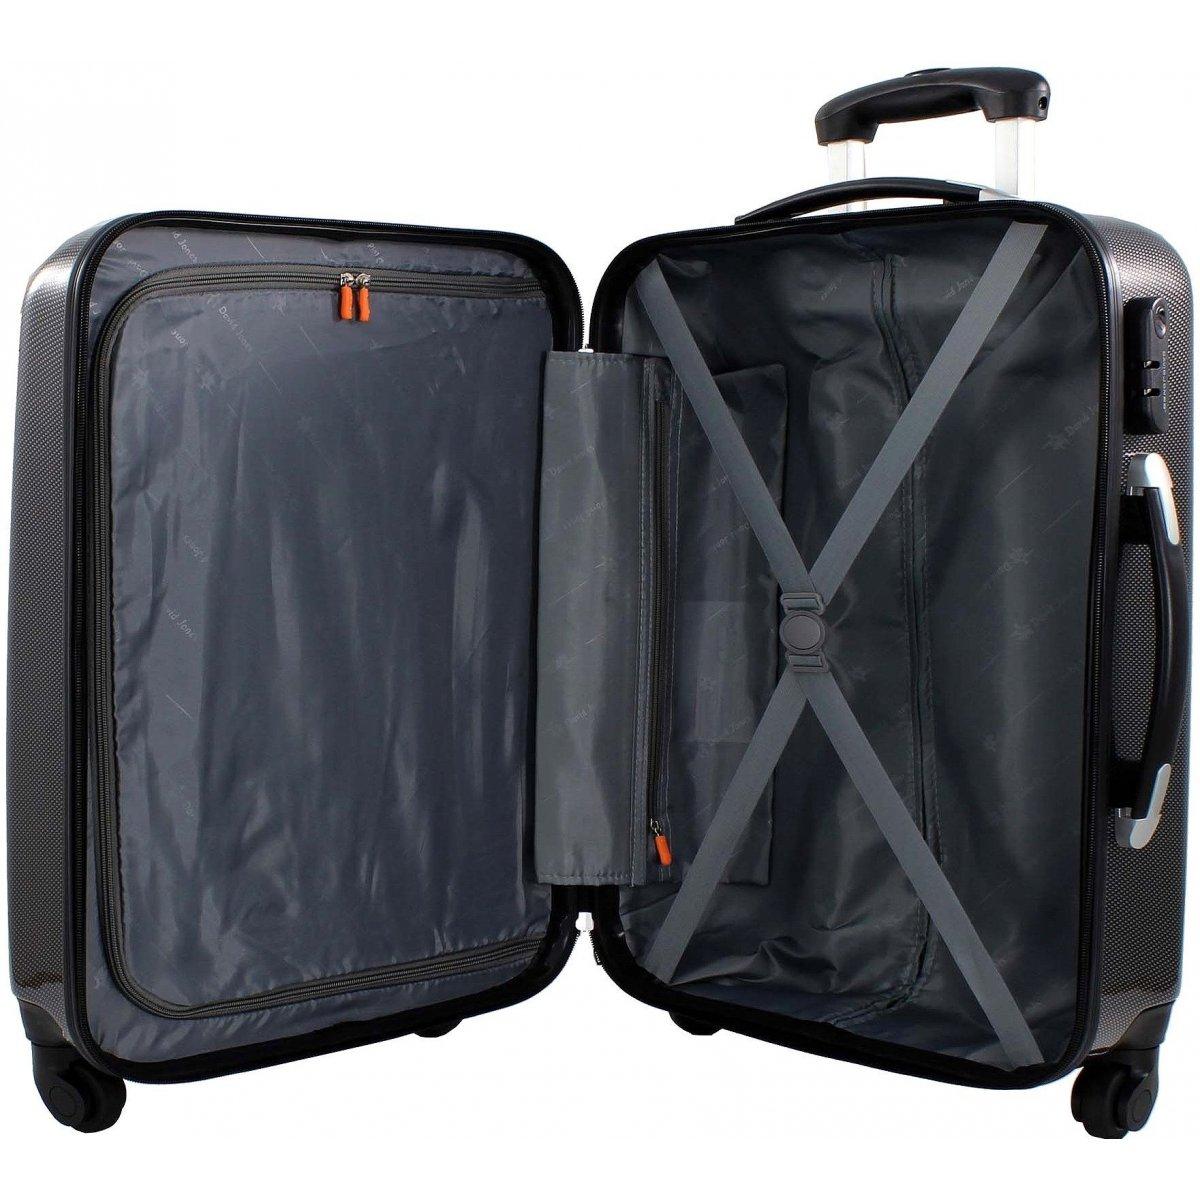 valise cabine ryanair david jones ba20551p couleur principale little pois promotion. Black Bedroom Furniture Sets. Home Design Ideas